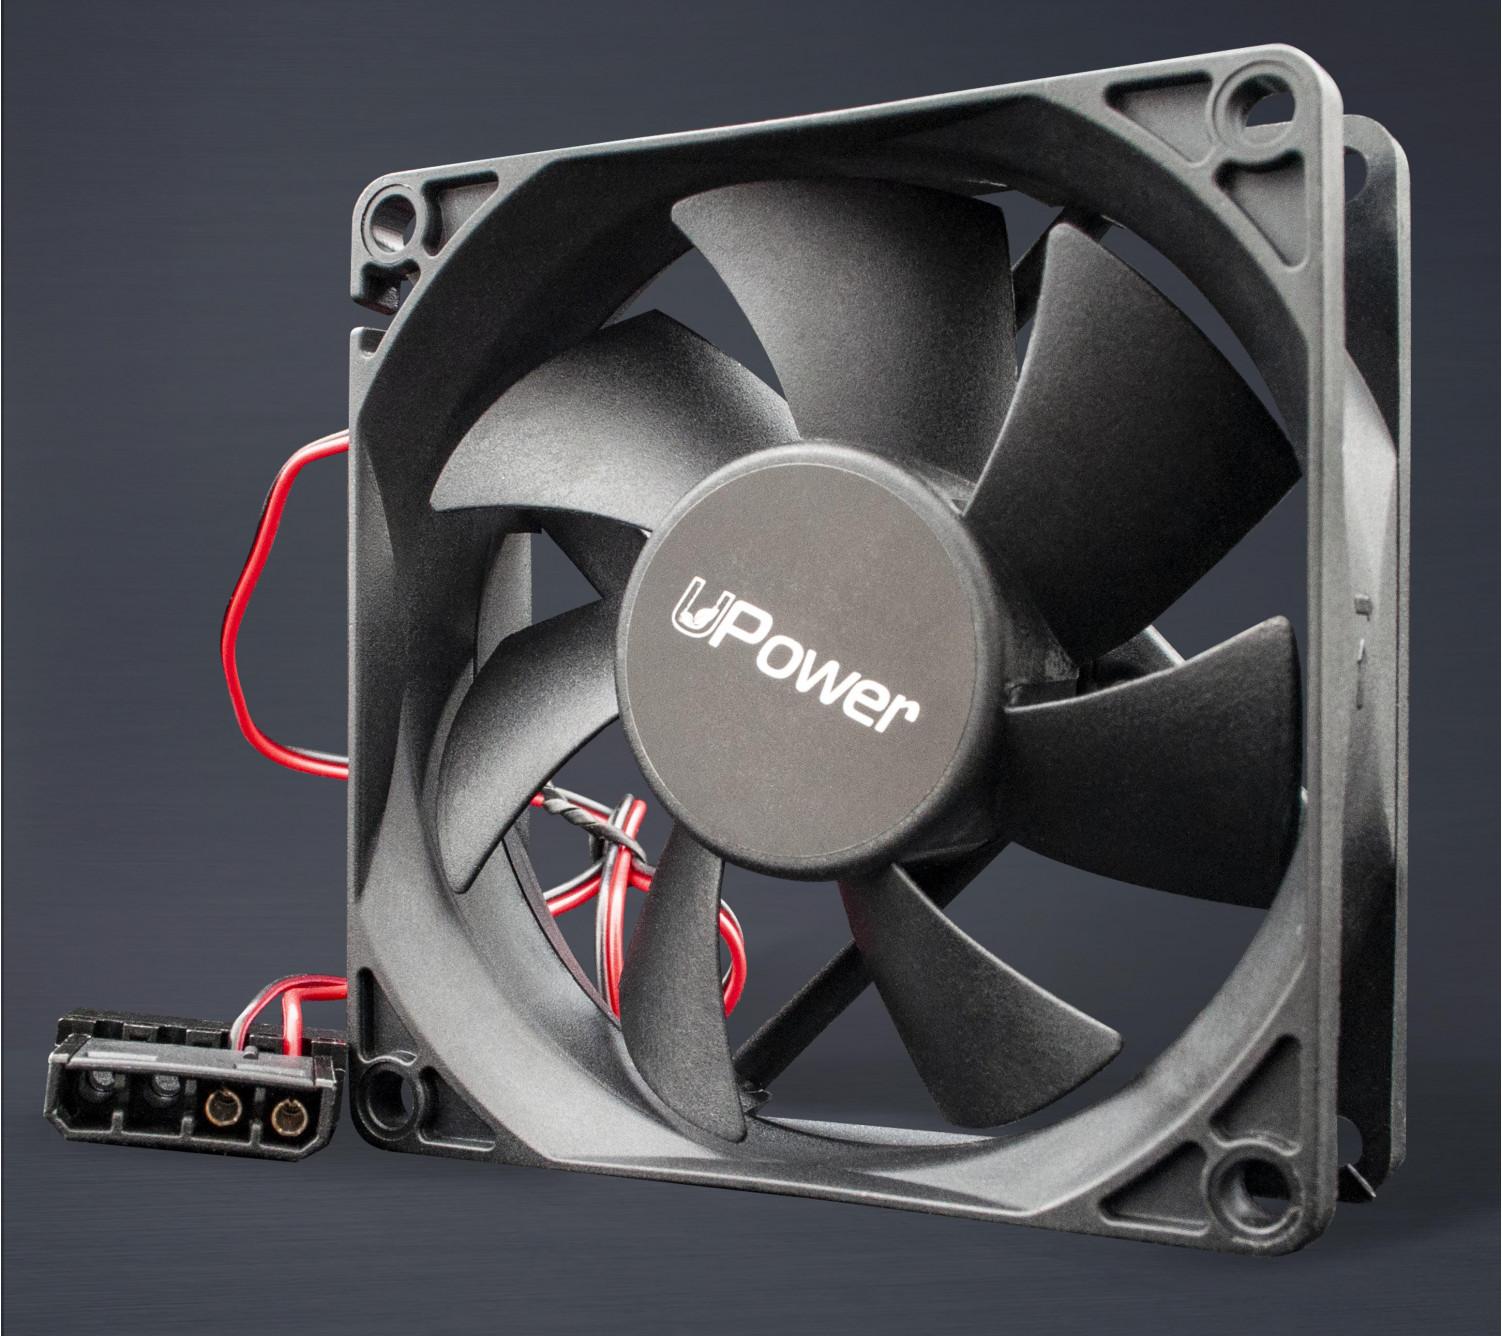 Вентилятор UPower UP8025SB415 80мм, molex